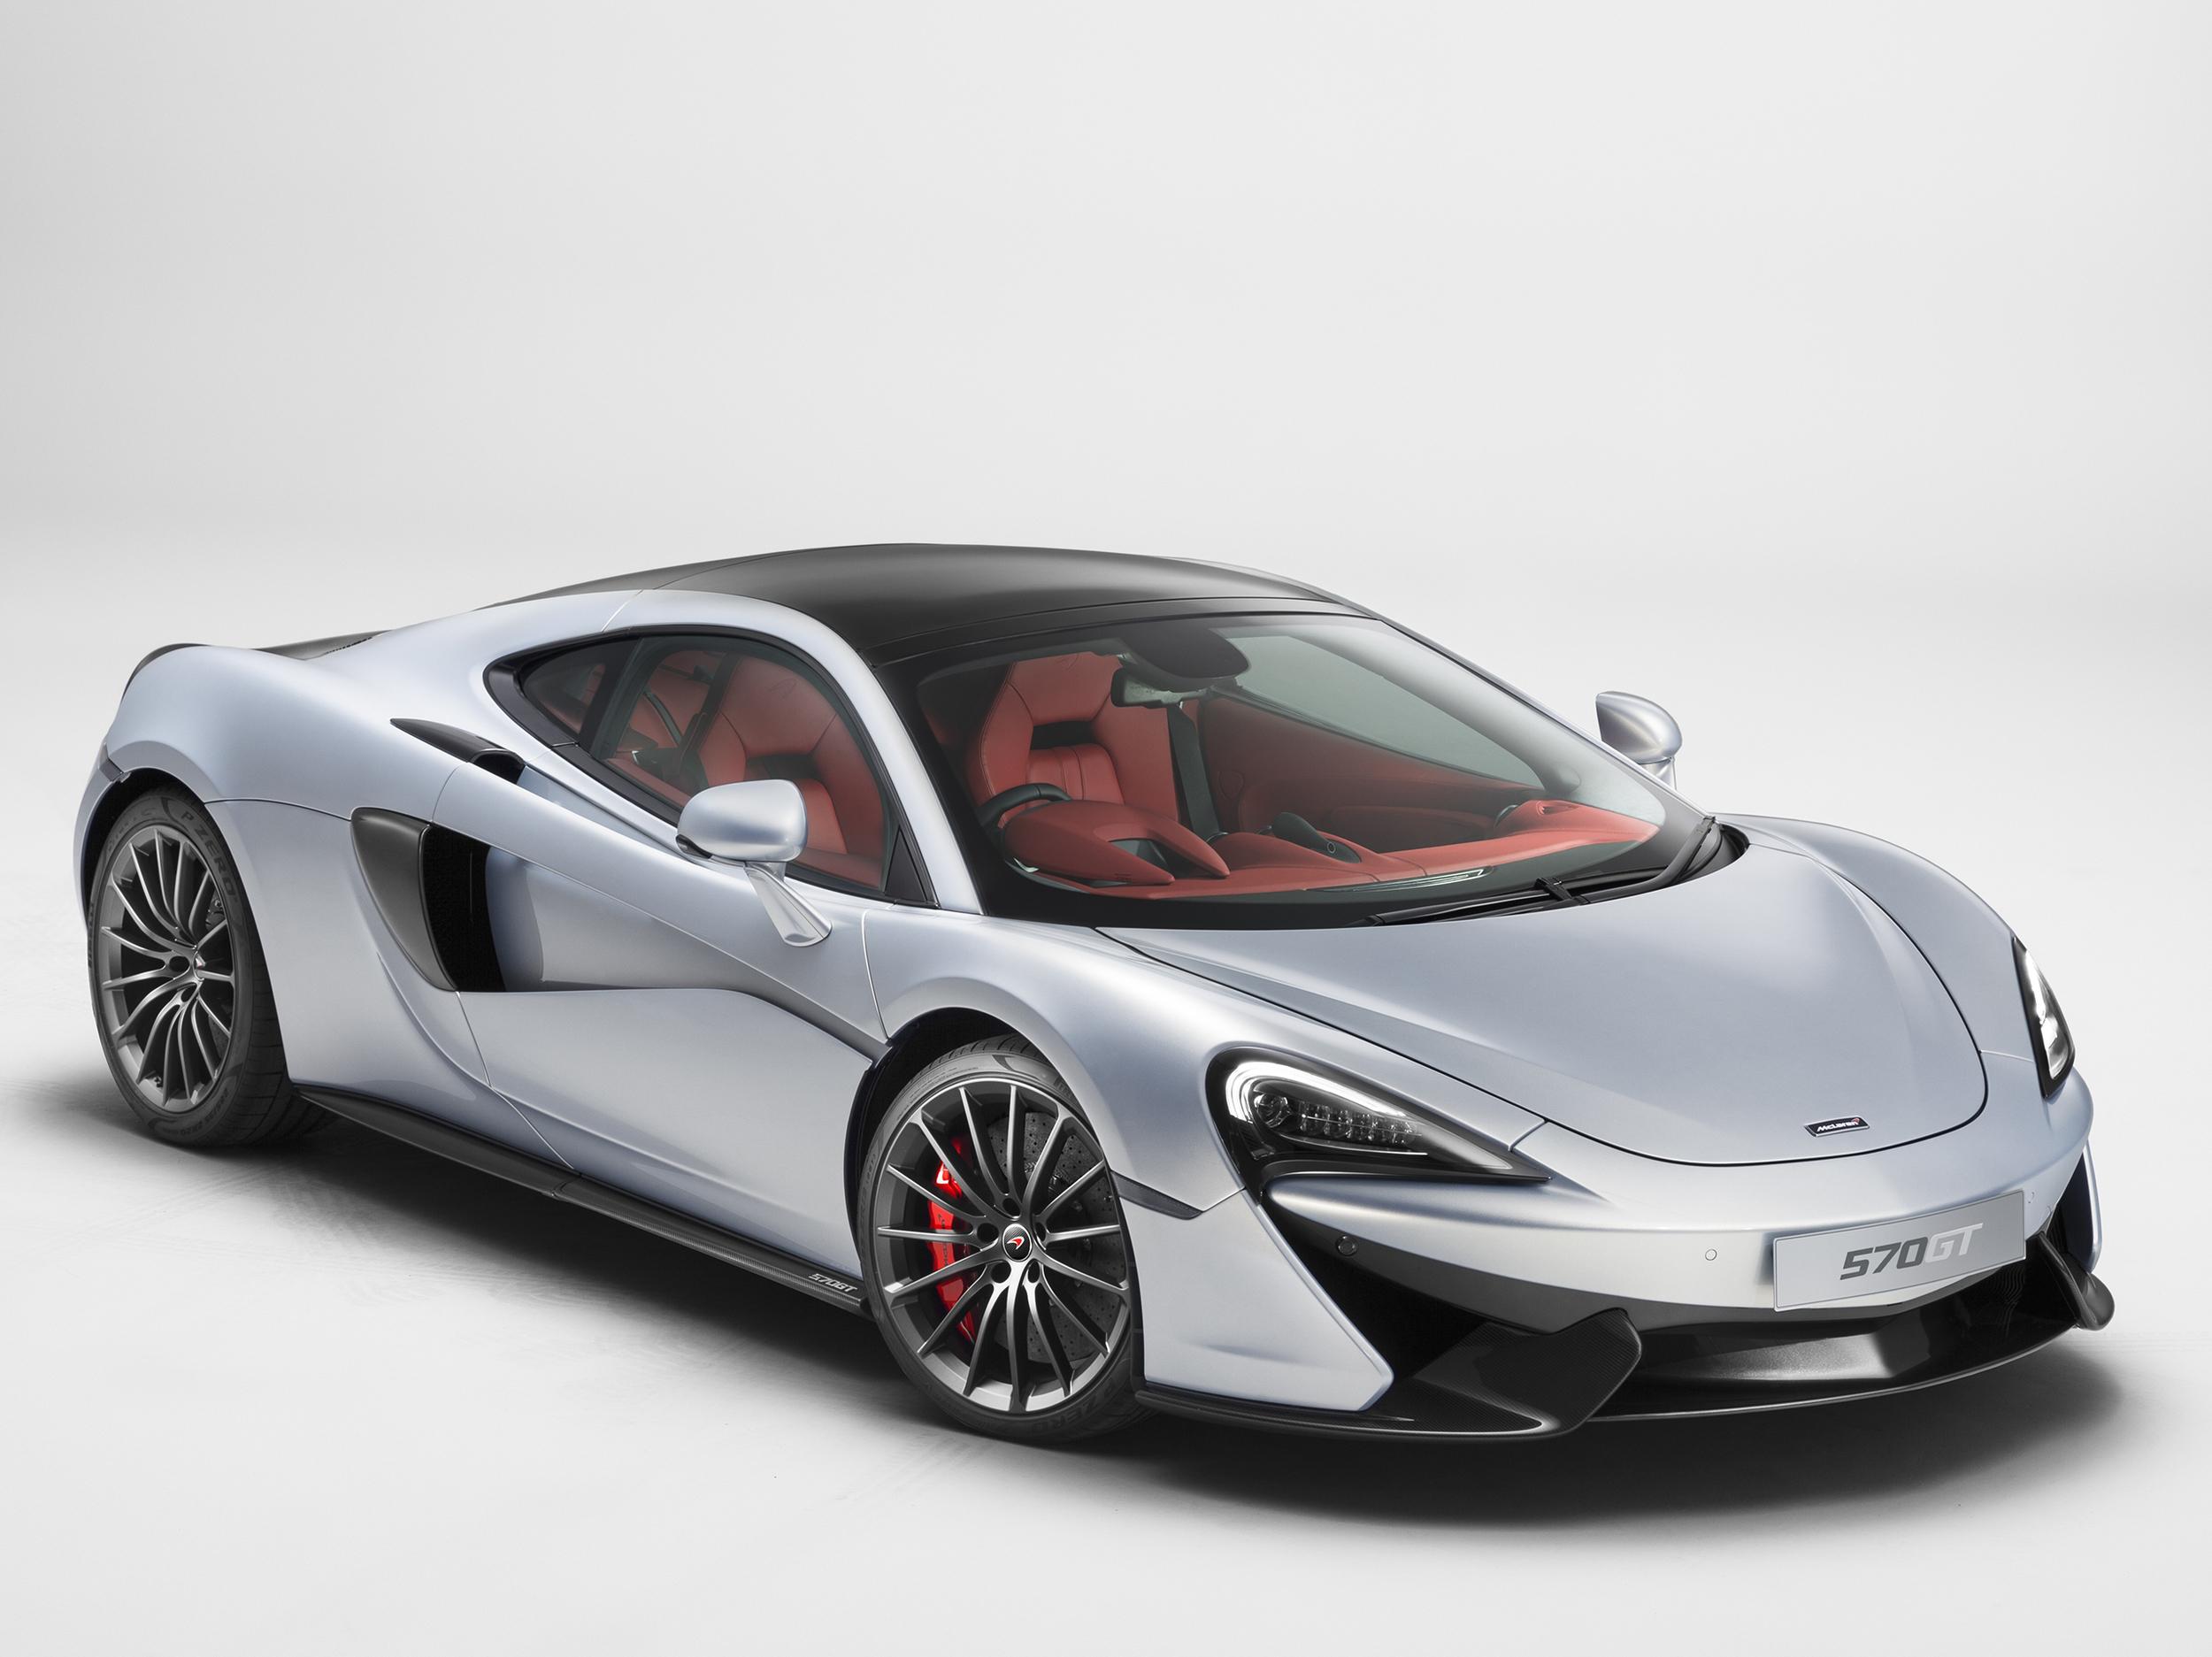 McLaren 570GT_05.jpg